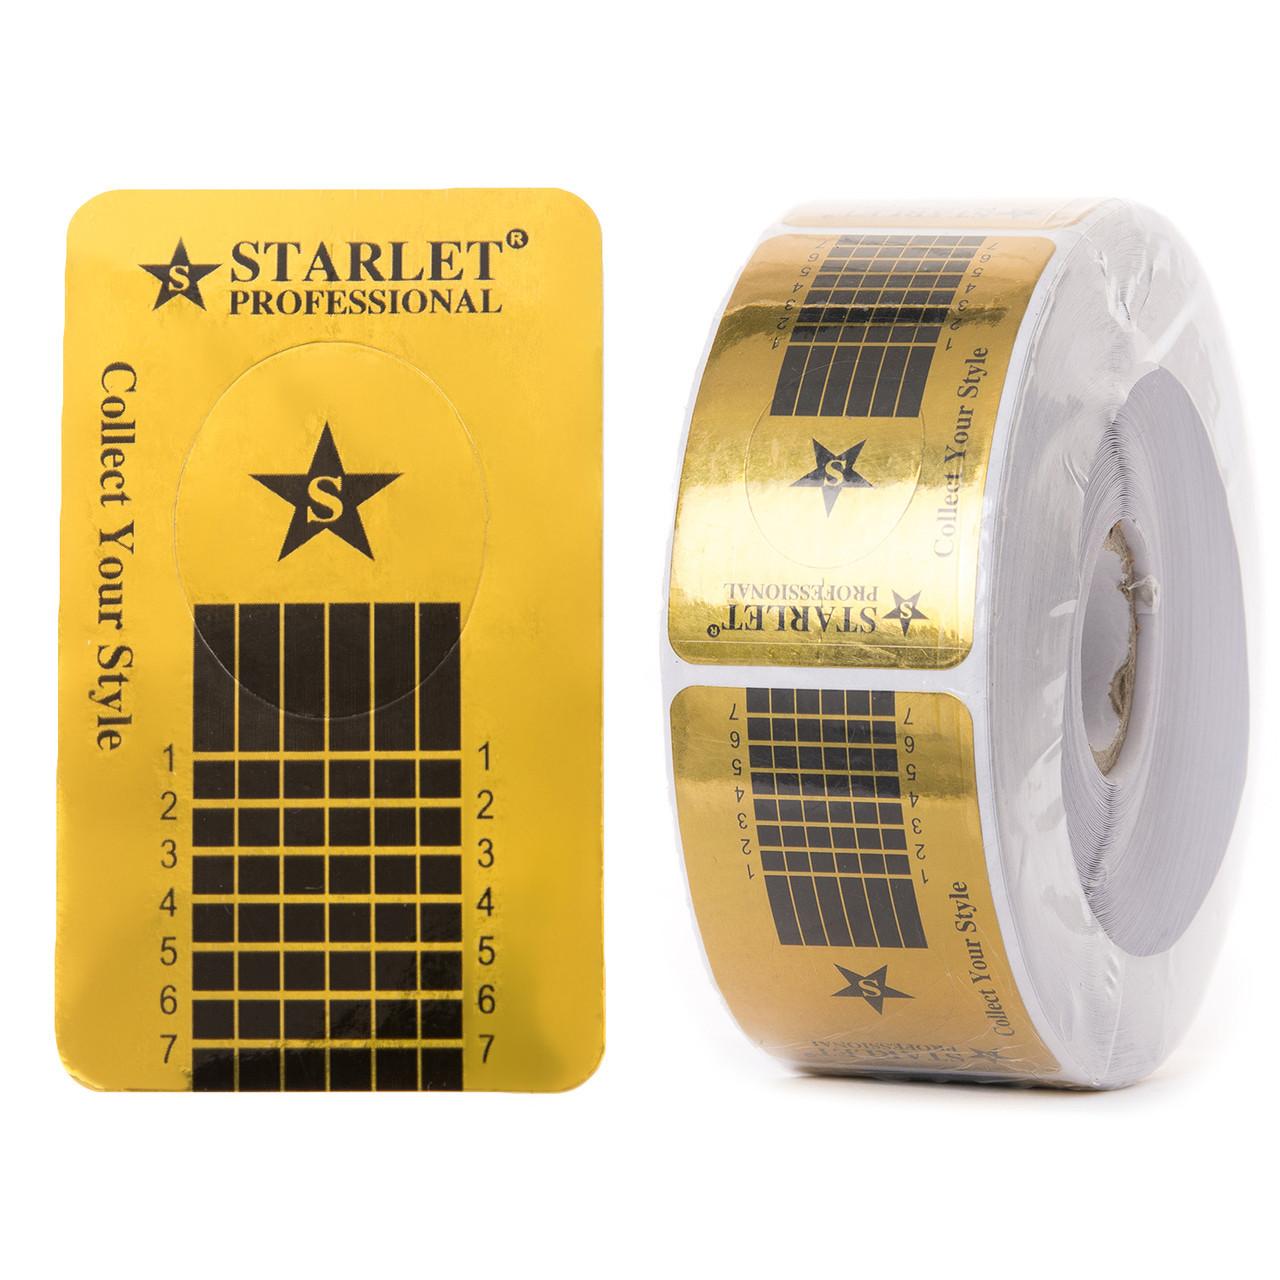 Форми для нарощування нігтів Starlet Professional вузькі золоті, 500 шт